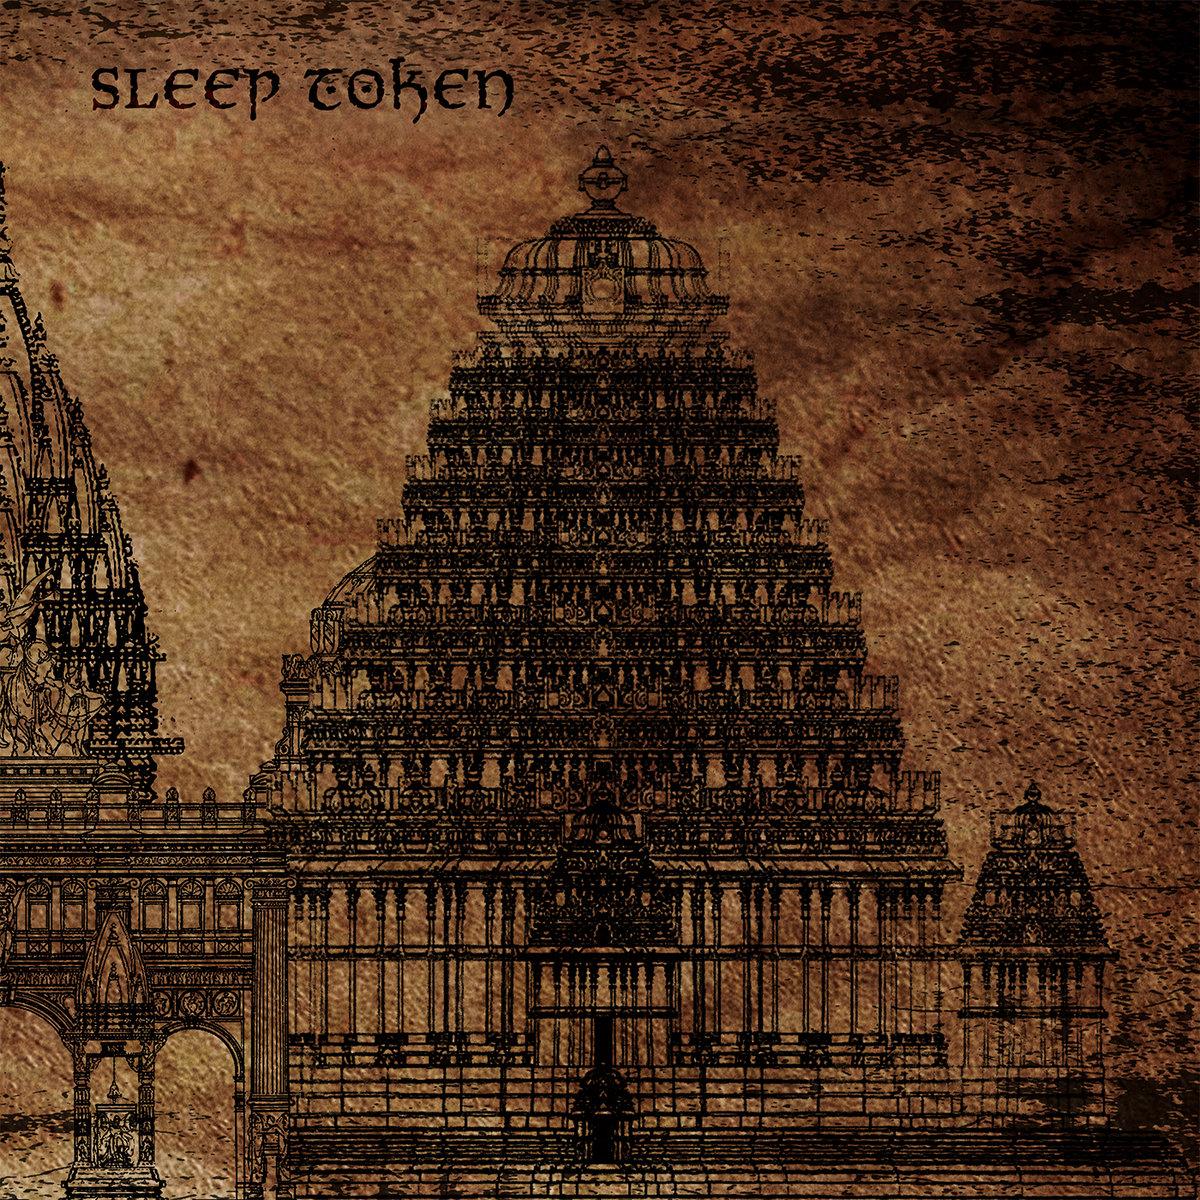 sleep_token_two